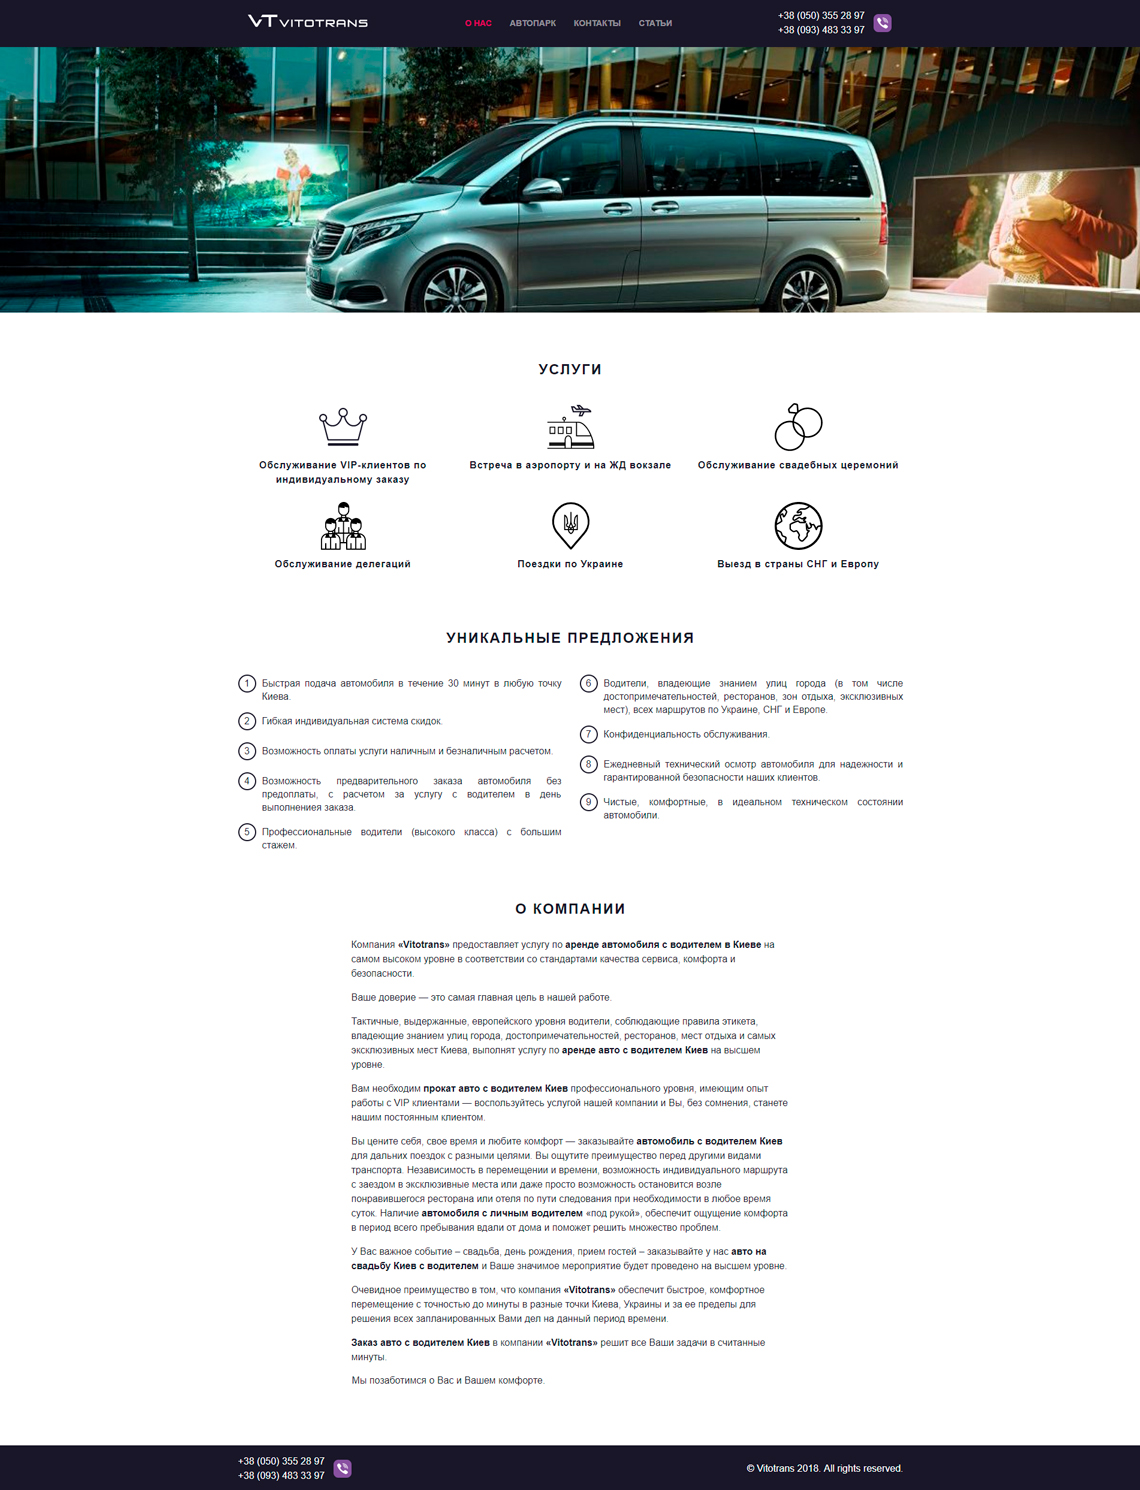 Разработка сайта для фирмы по аренде автомобиля с водителем в Киеве — vitotrans.com.ua